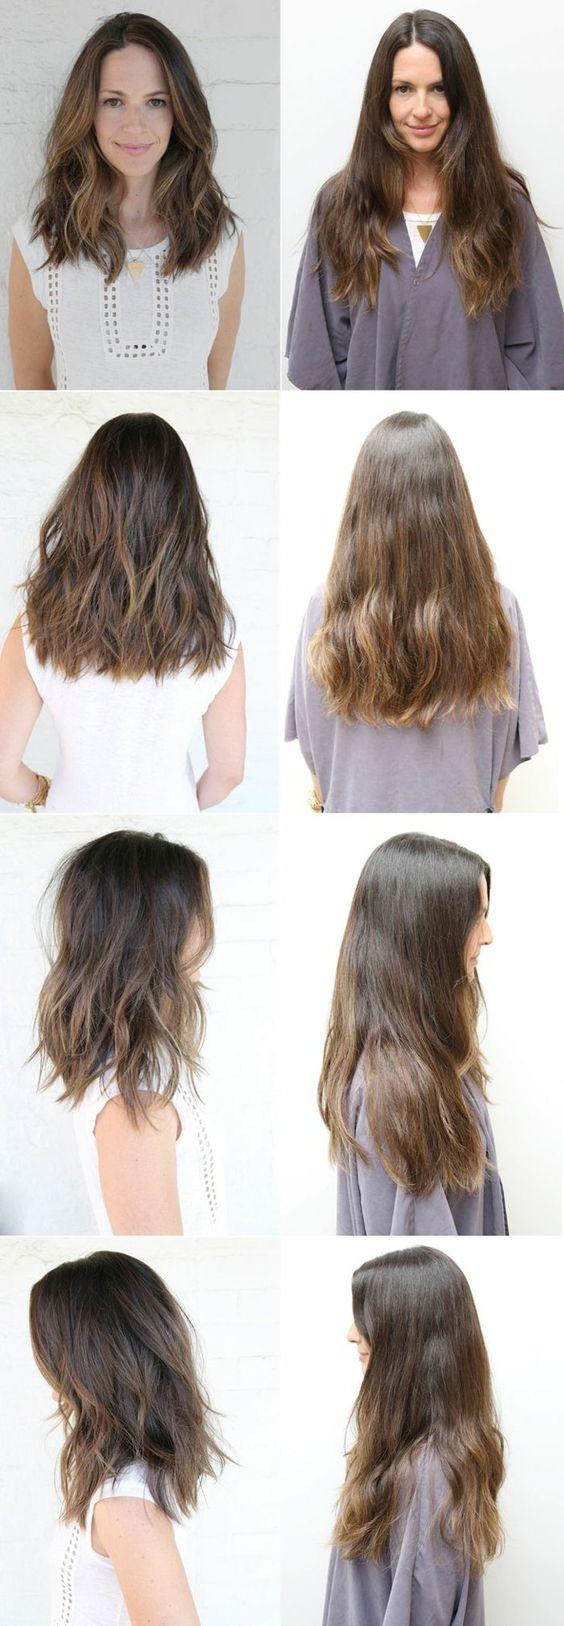 les tendances chez les coupe de cheveux dégradé femme